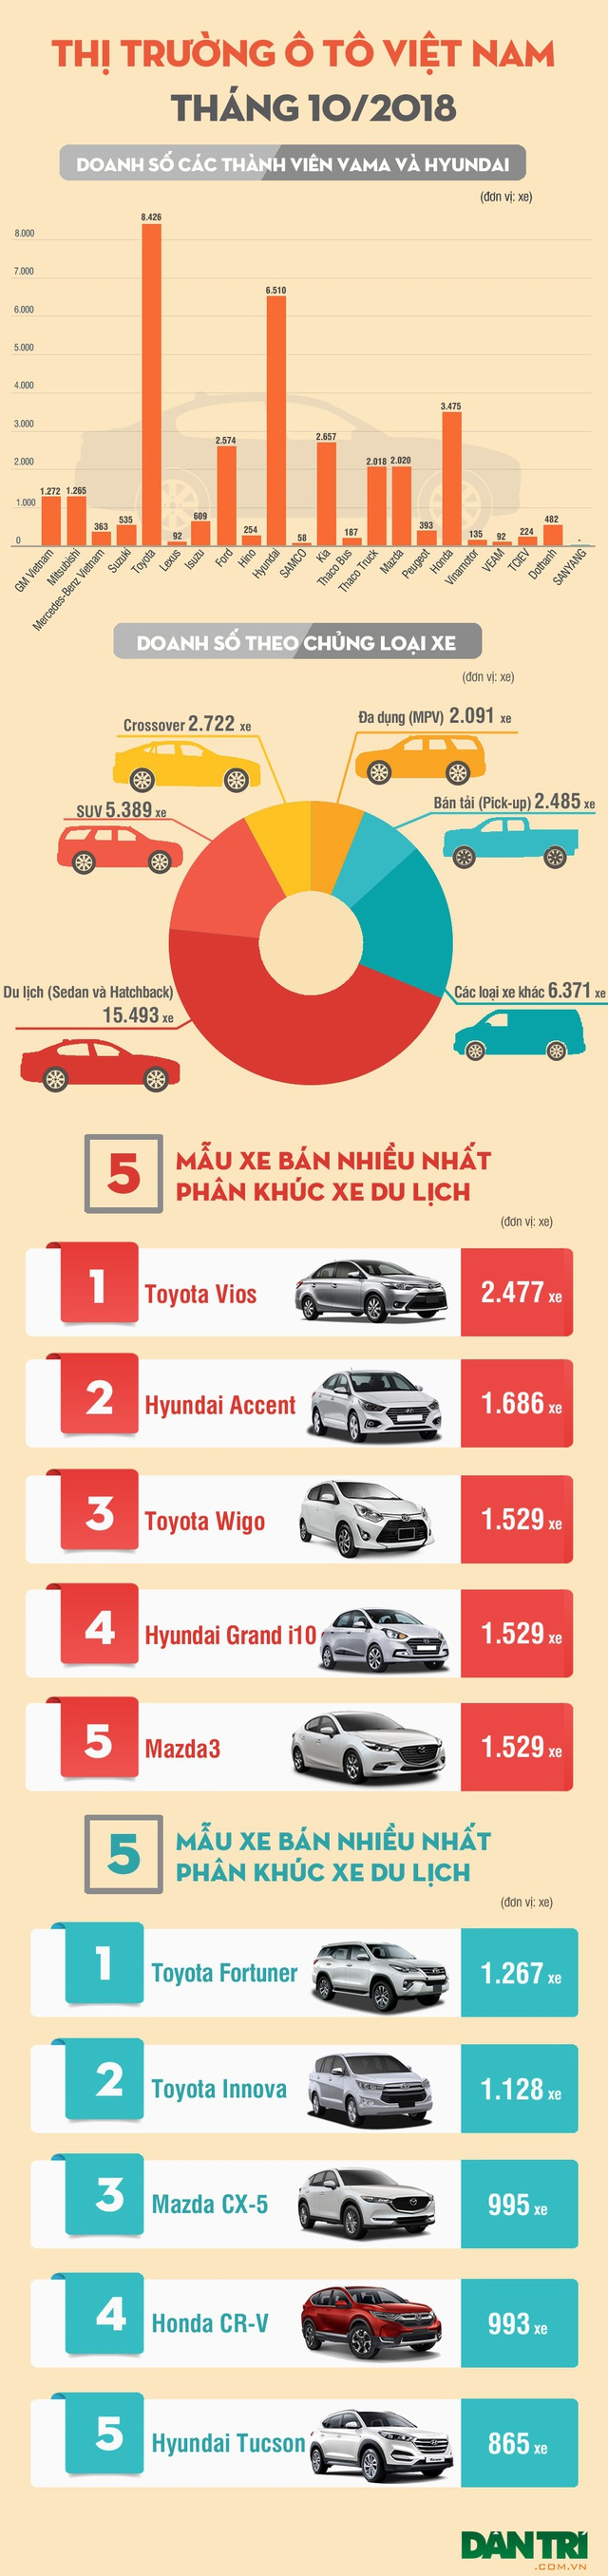 Thương hiệu ô tô nào được ưa thích nhất Việt Nam trong tháng 10? - 1